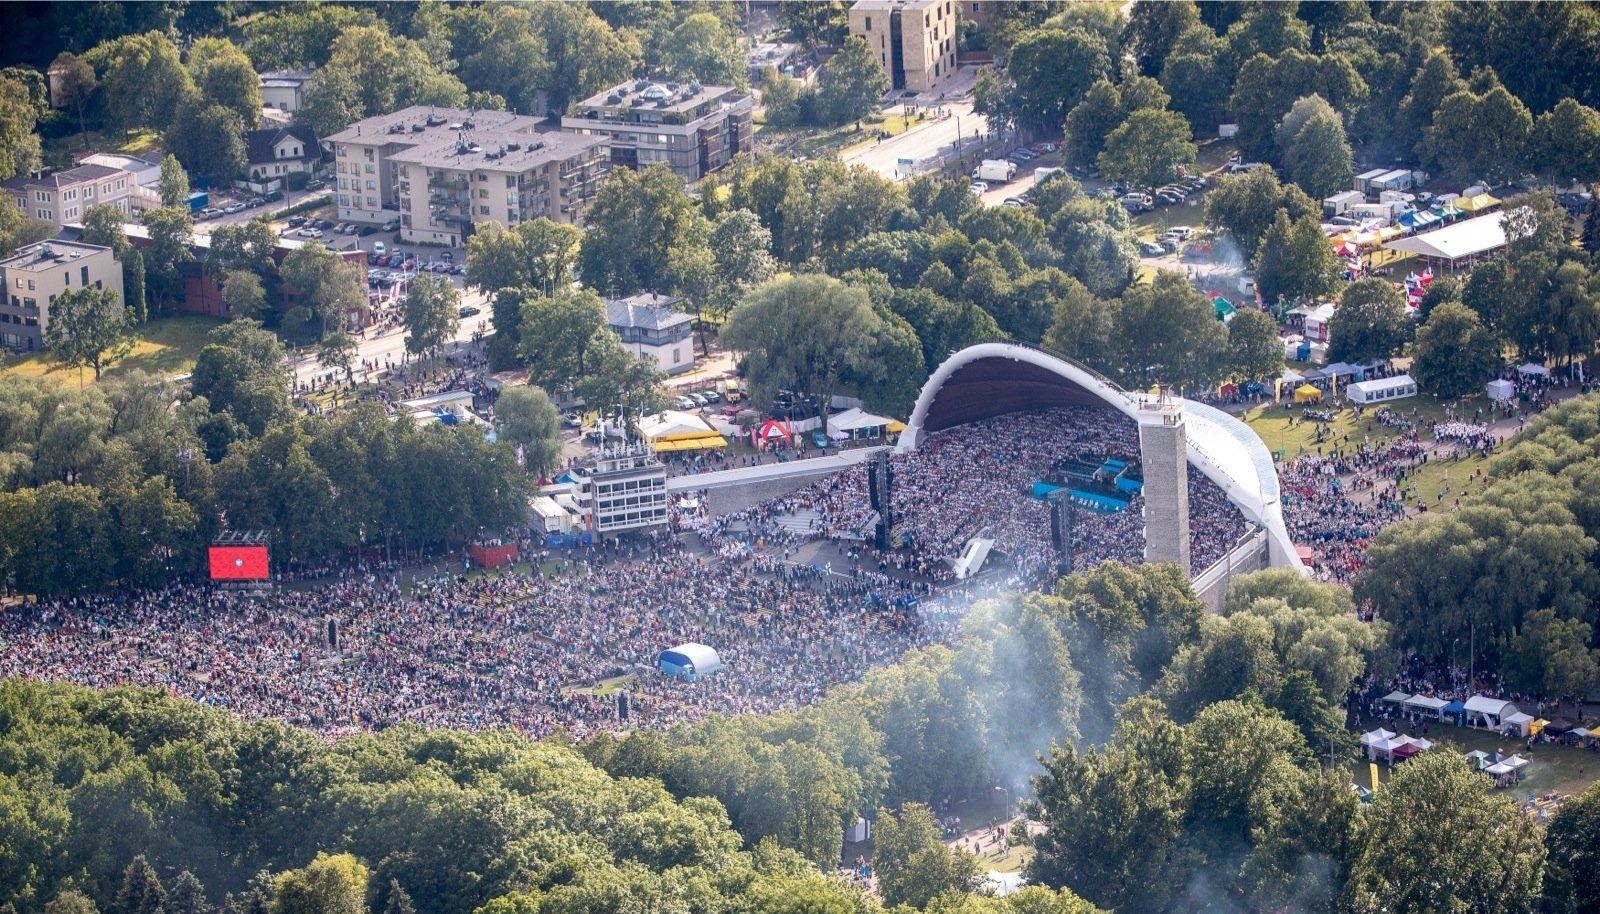 """XXVII laulupidu """"Minu arm"""" tõi viimasel päeval Tallinna lauluväljakule pea 100 000 inimest. Laulu- ja tantsupeol saavadki alati kokku väga erineva maailmanägemisega inimesed."""